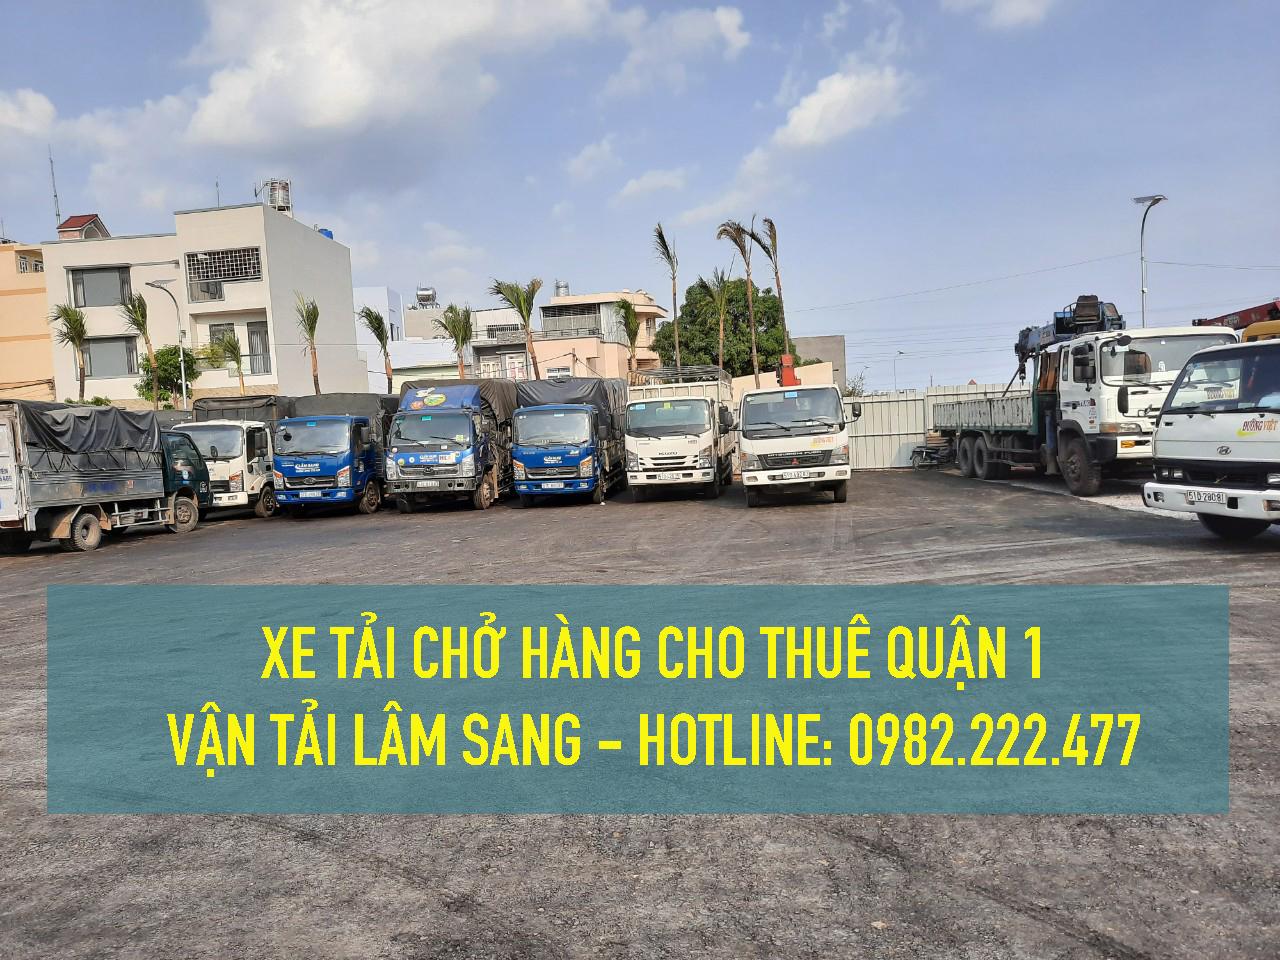 Cho thuê xe tải nhỏ chở hàng giá rẻ tại Quận 1 – Công ty vận tải Lâm Sang